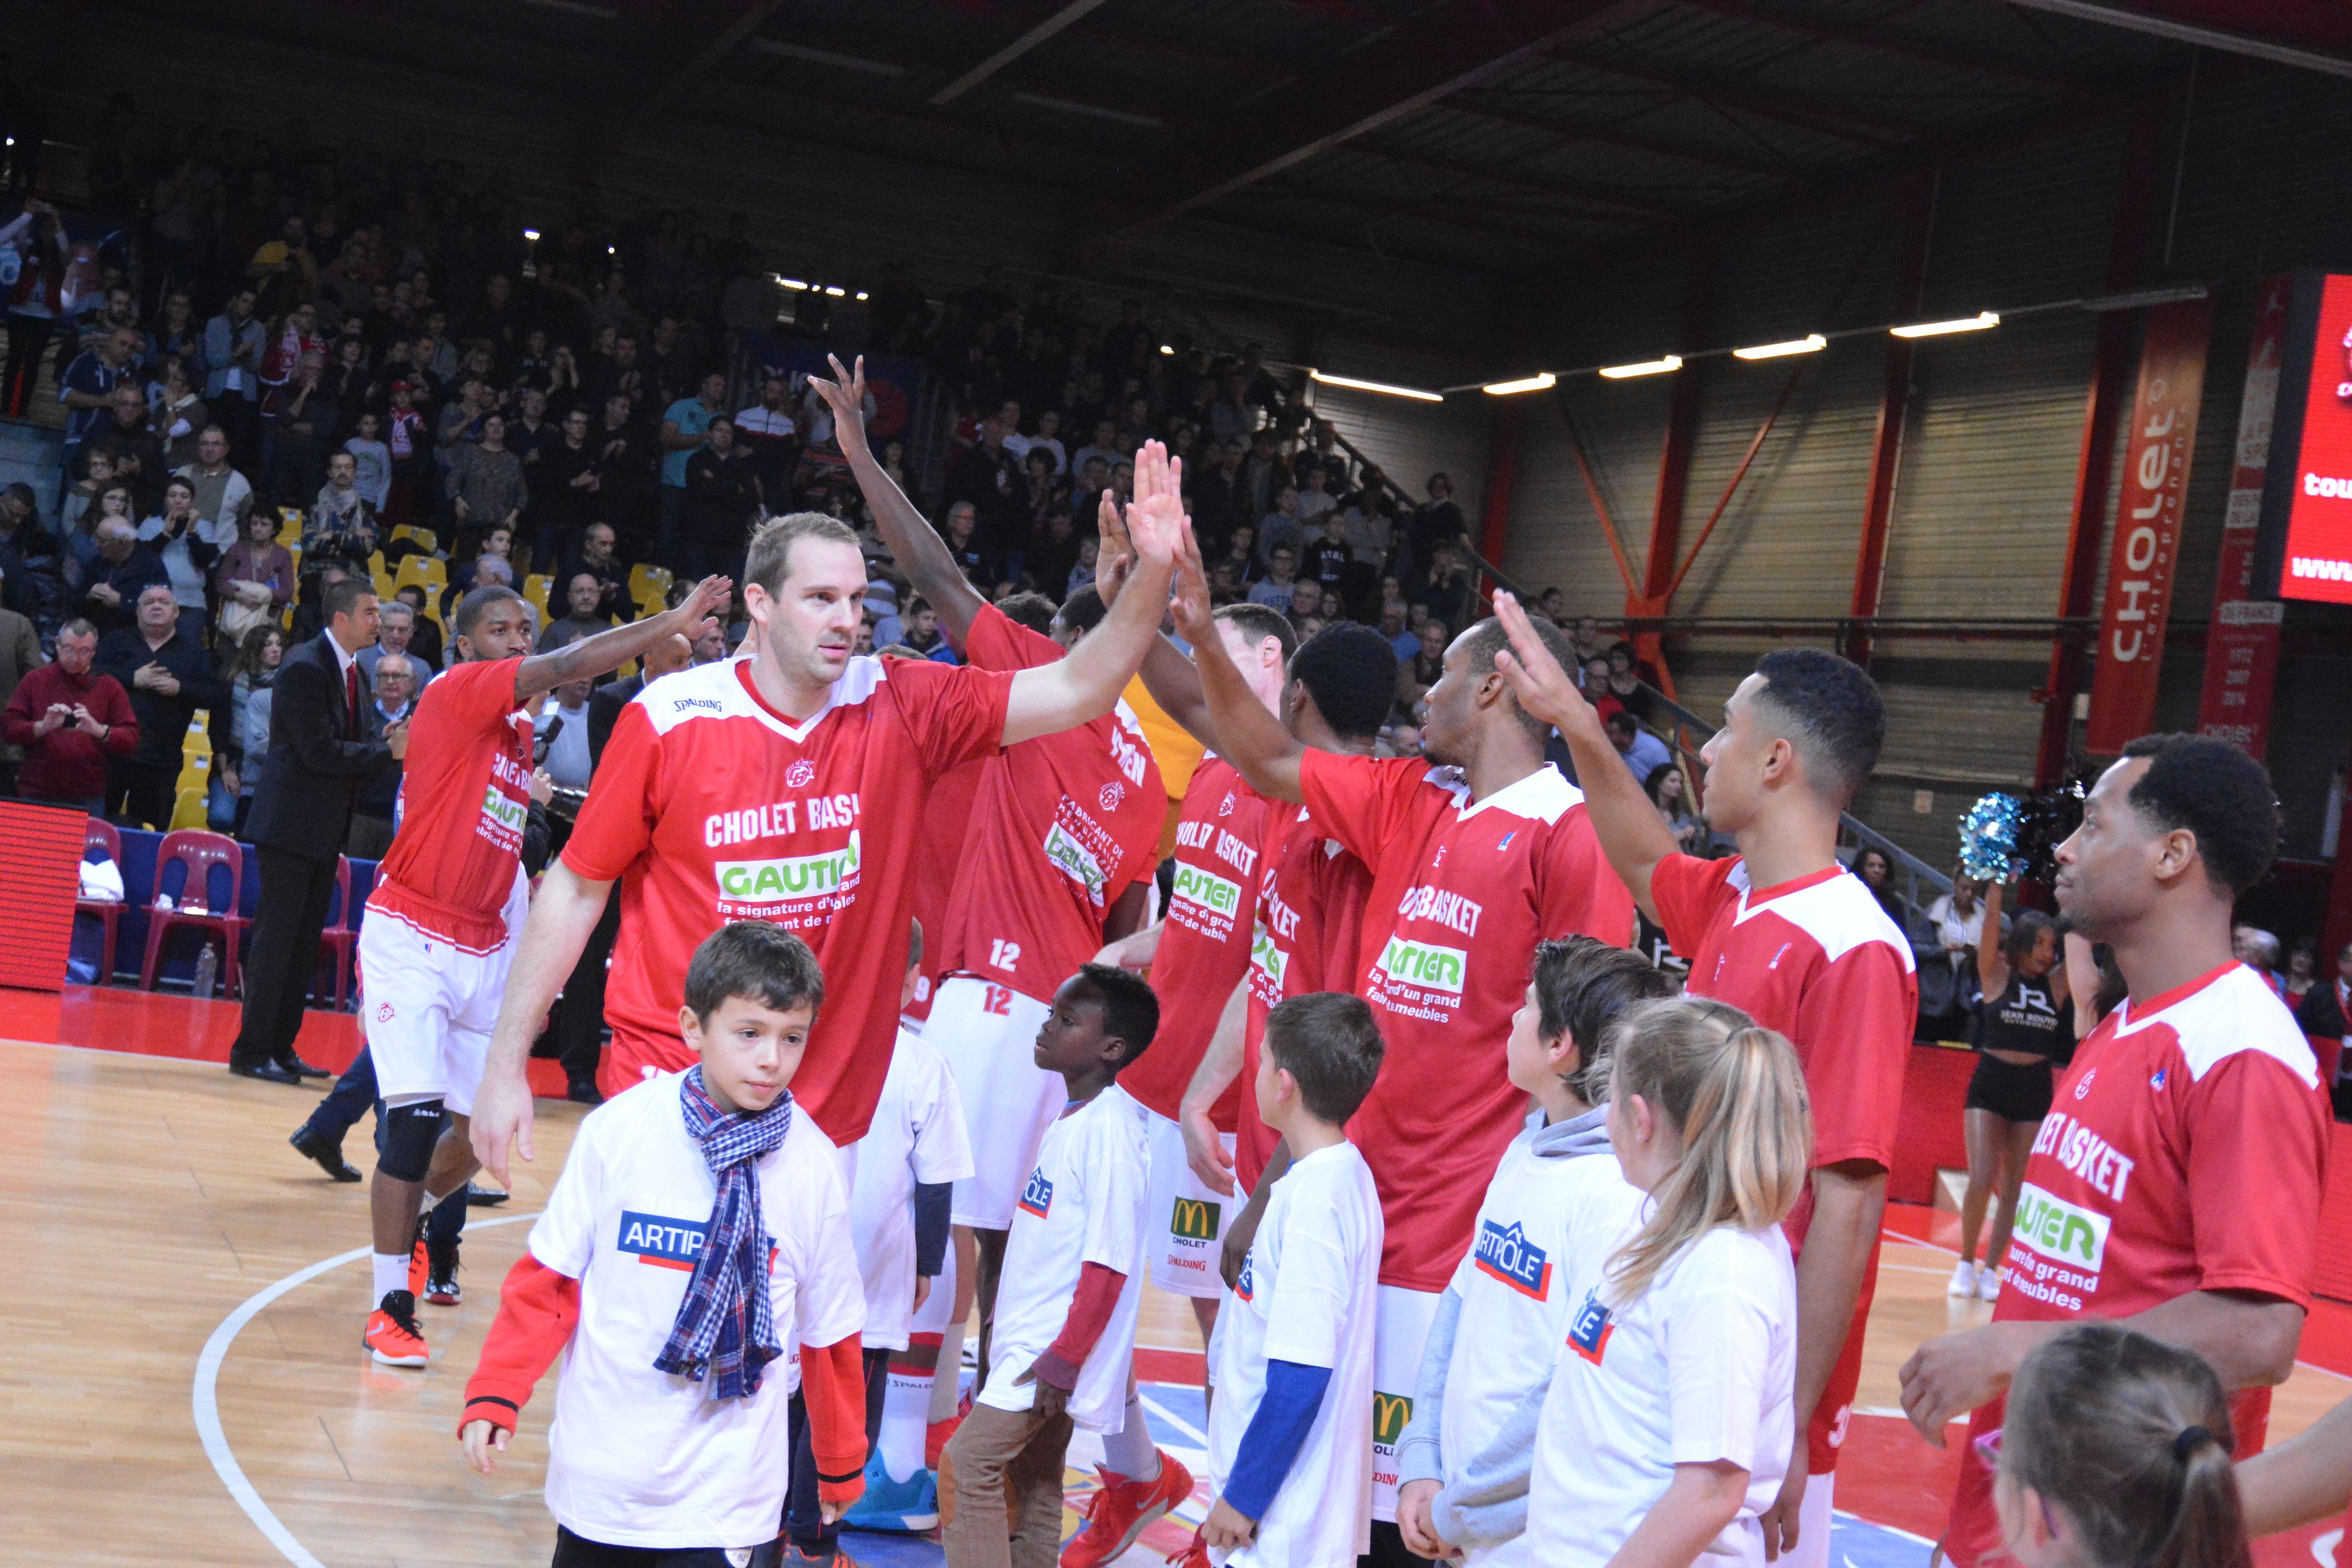 L'entrée des joueurs durant le match CB / STB Le Havre